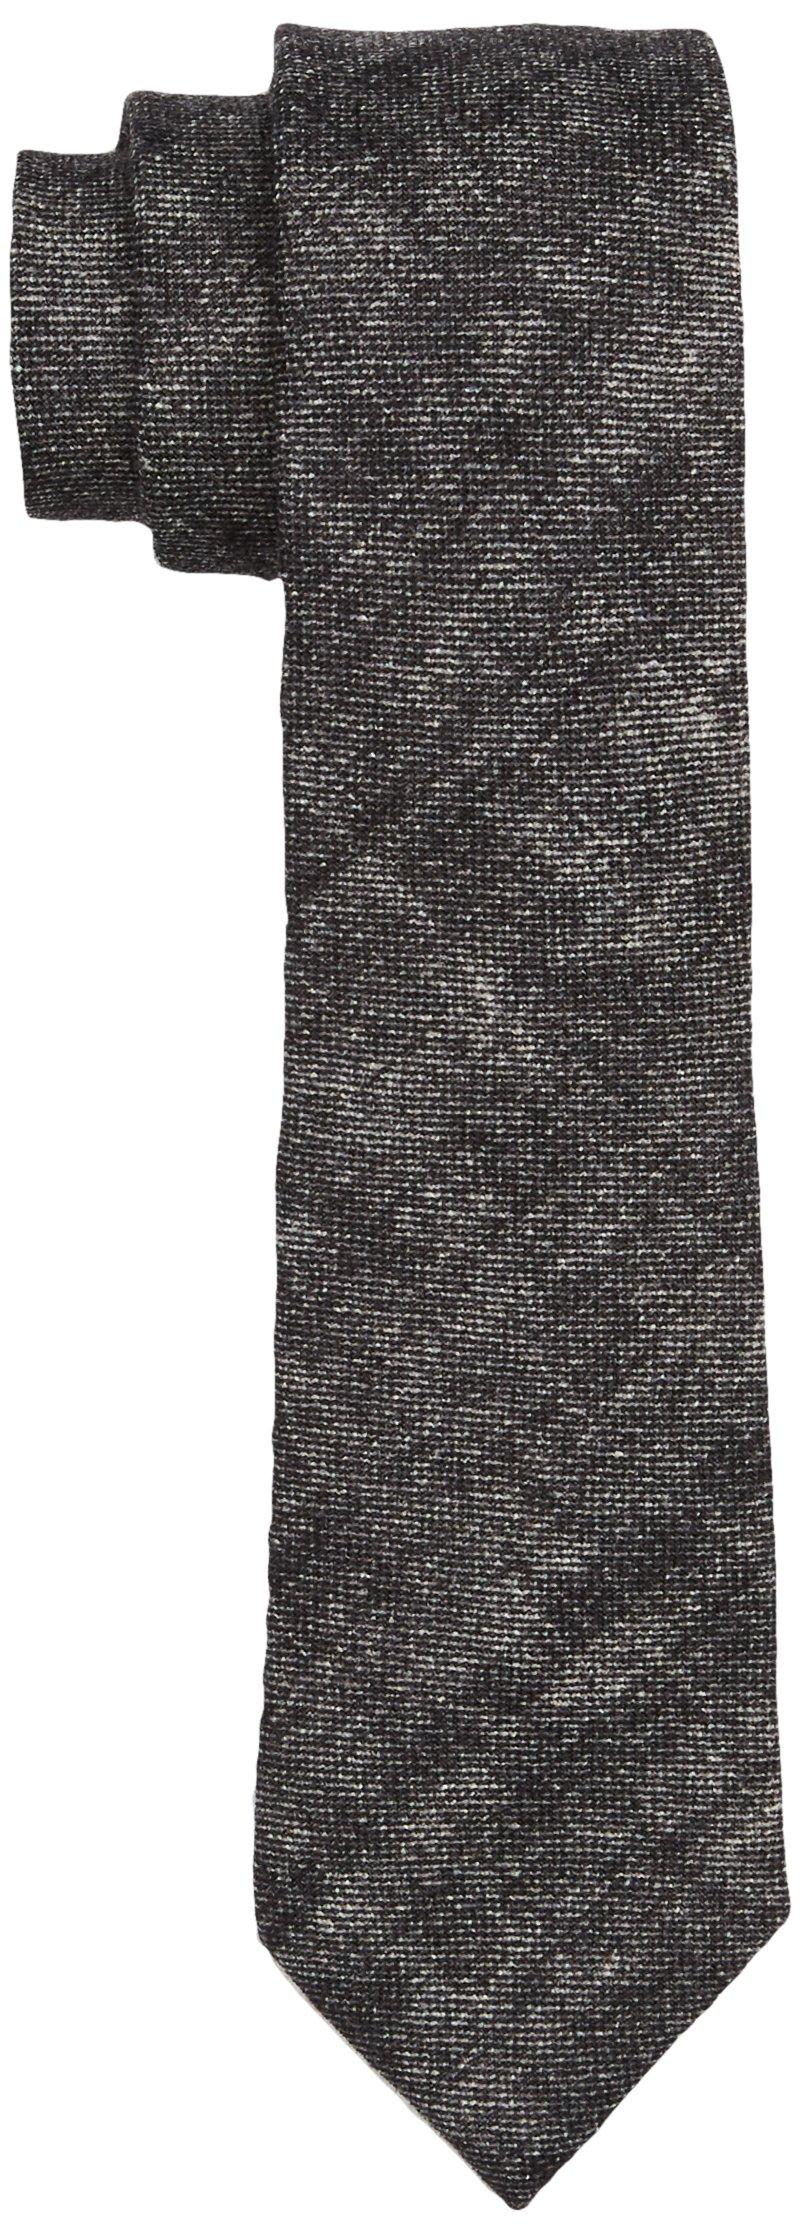 Calvin Klein Navelli Uneven Strip Corbata, Negro (Asphalt), Talla única (Talla del Fabricante: OS) para Hombre